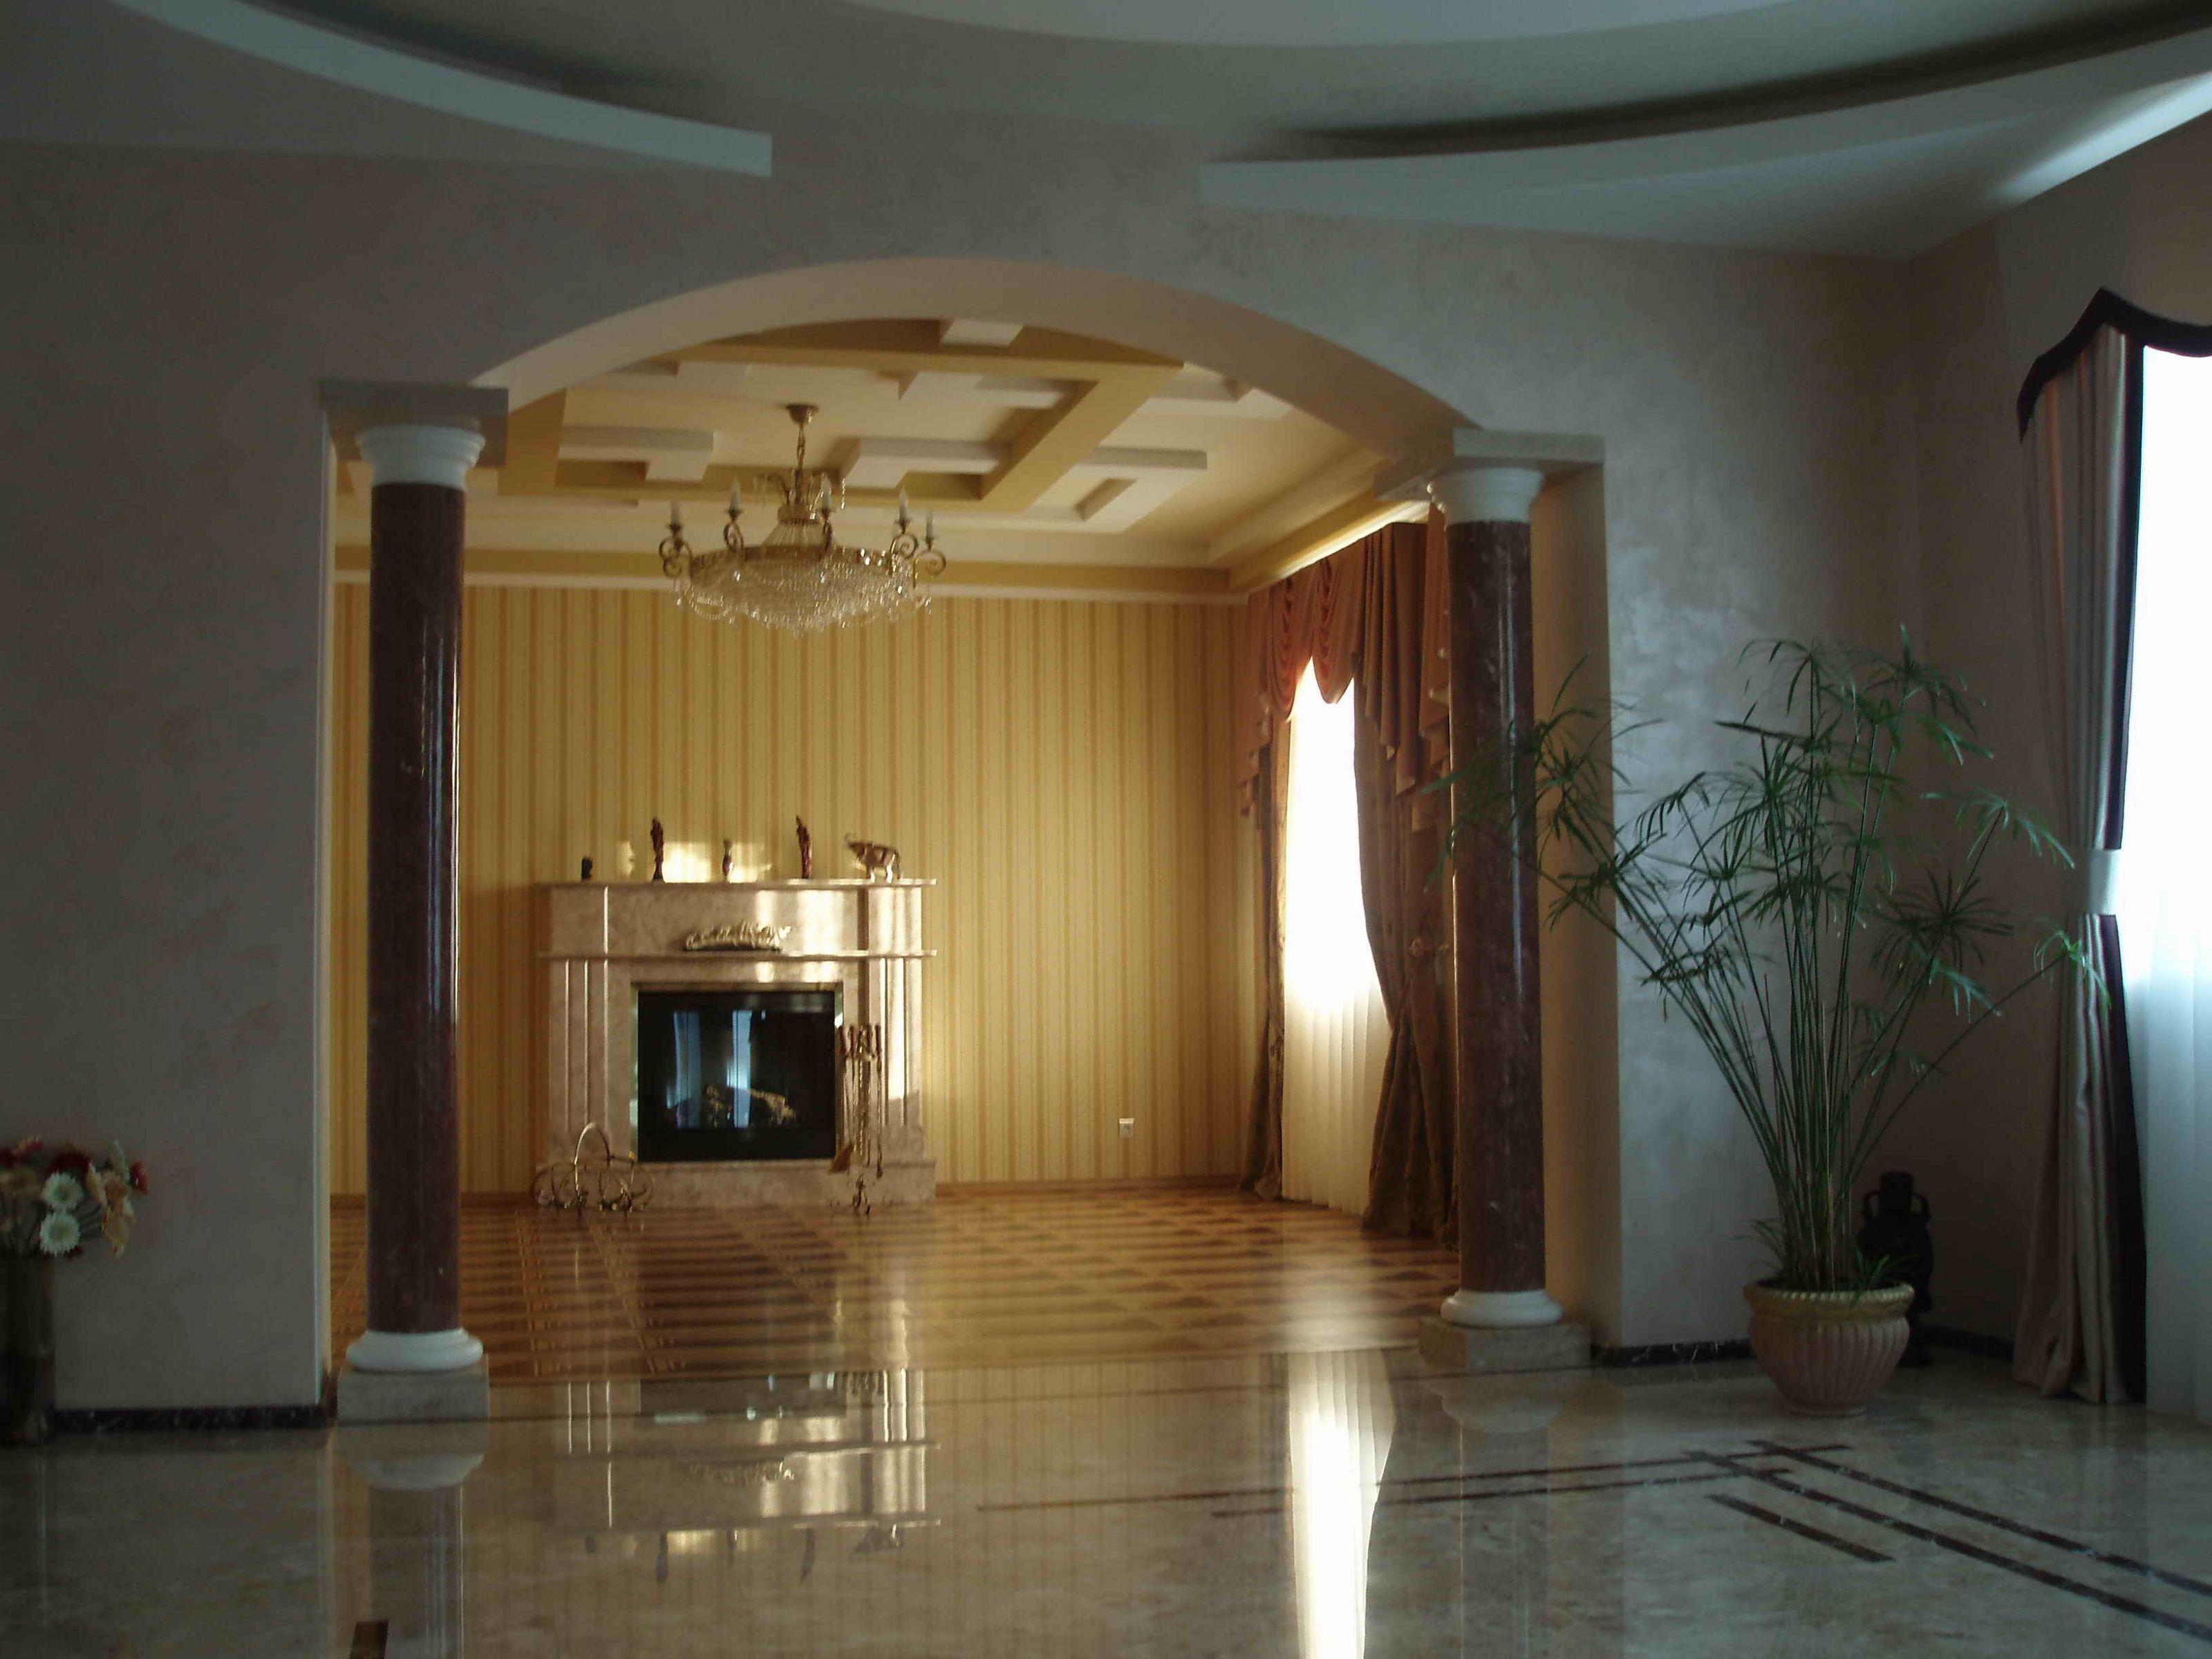 Нужны заказы на ремонт квартир без посредников?!